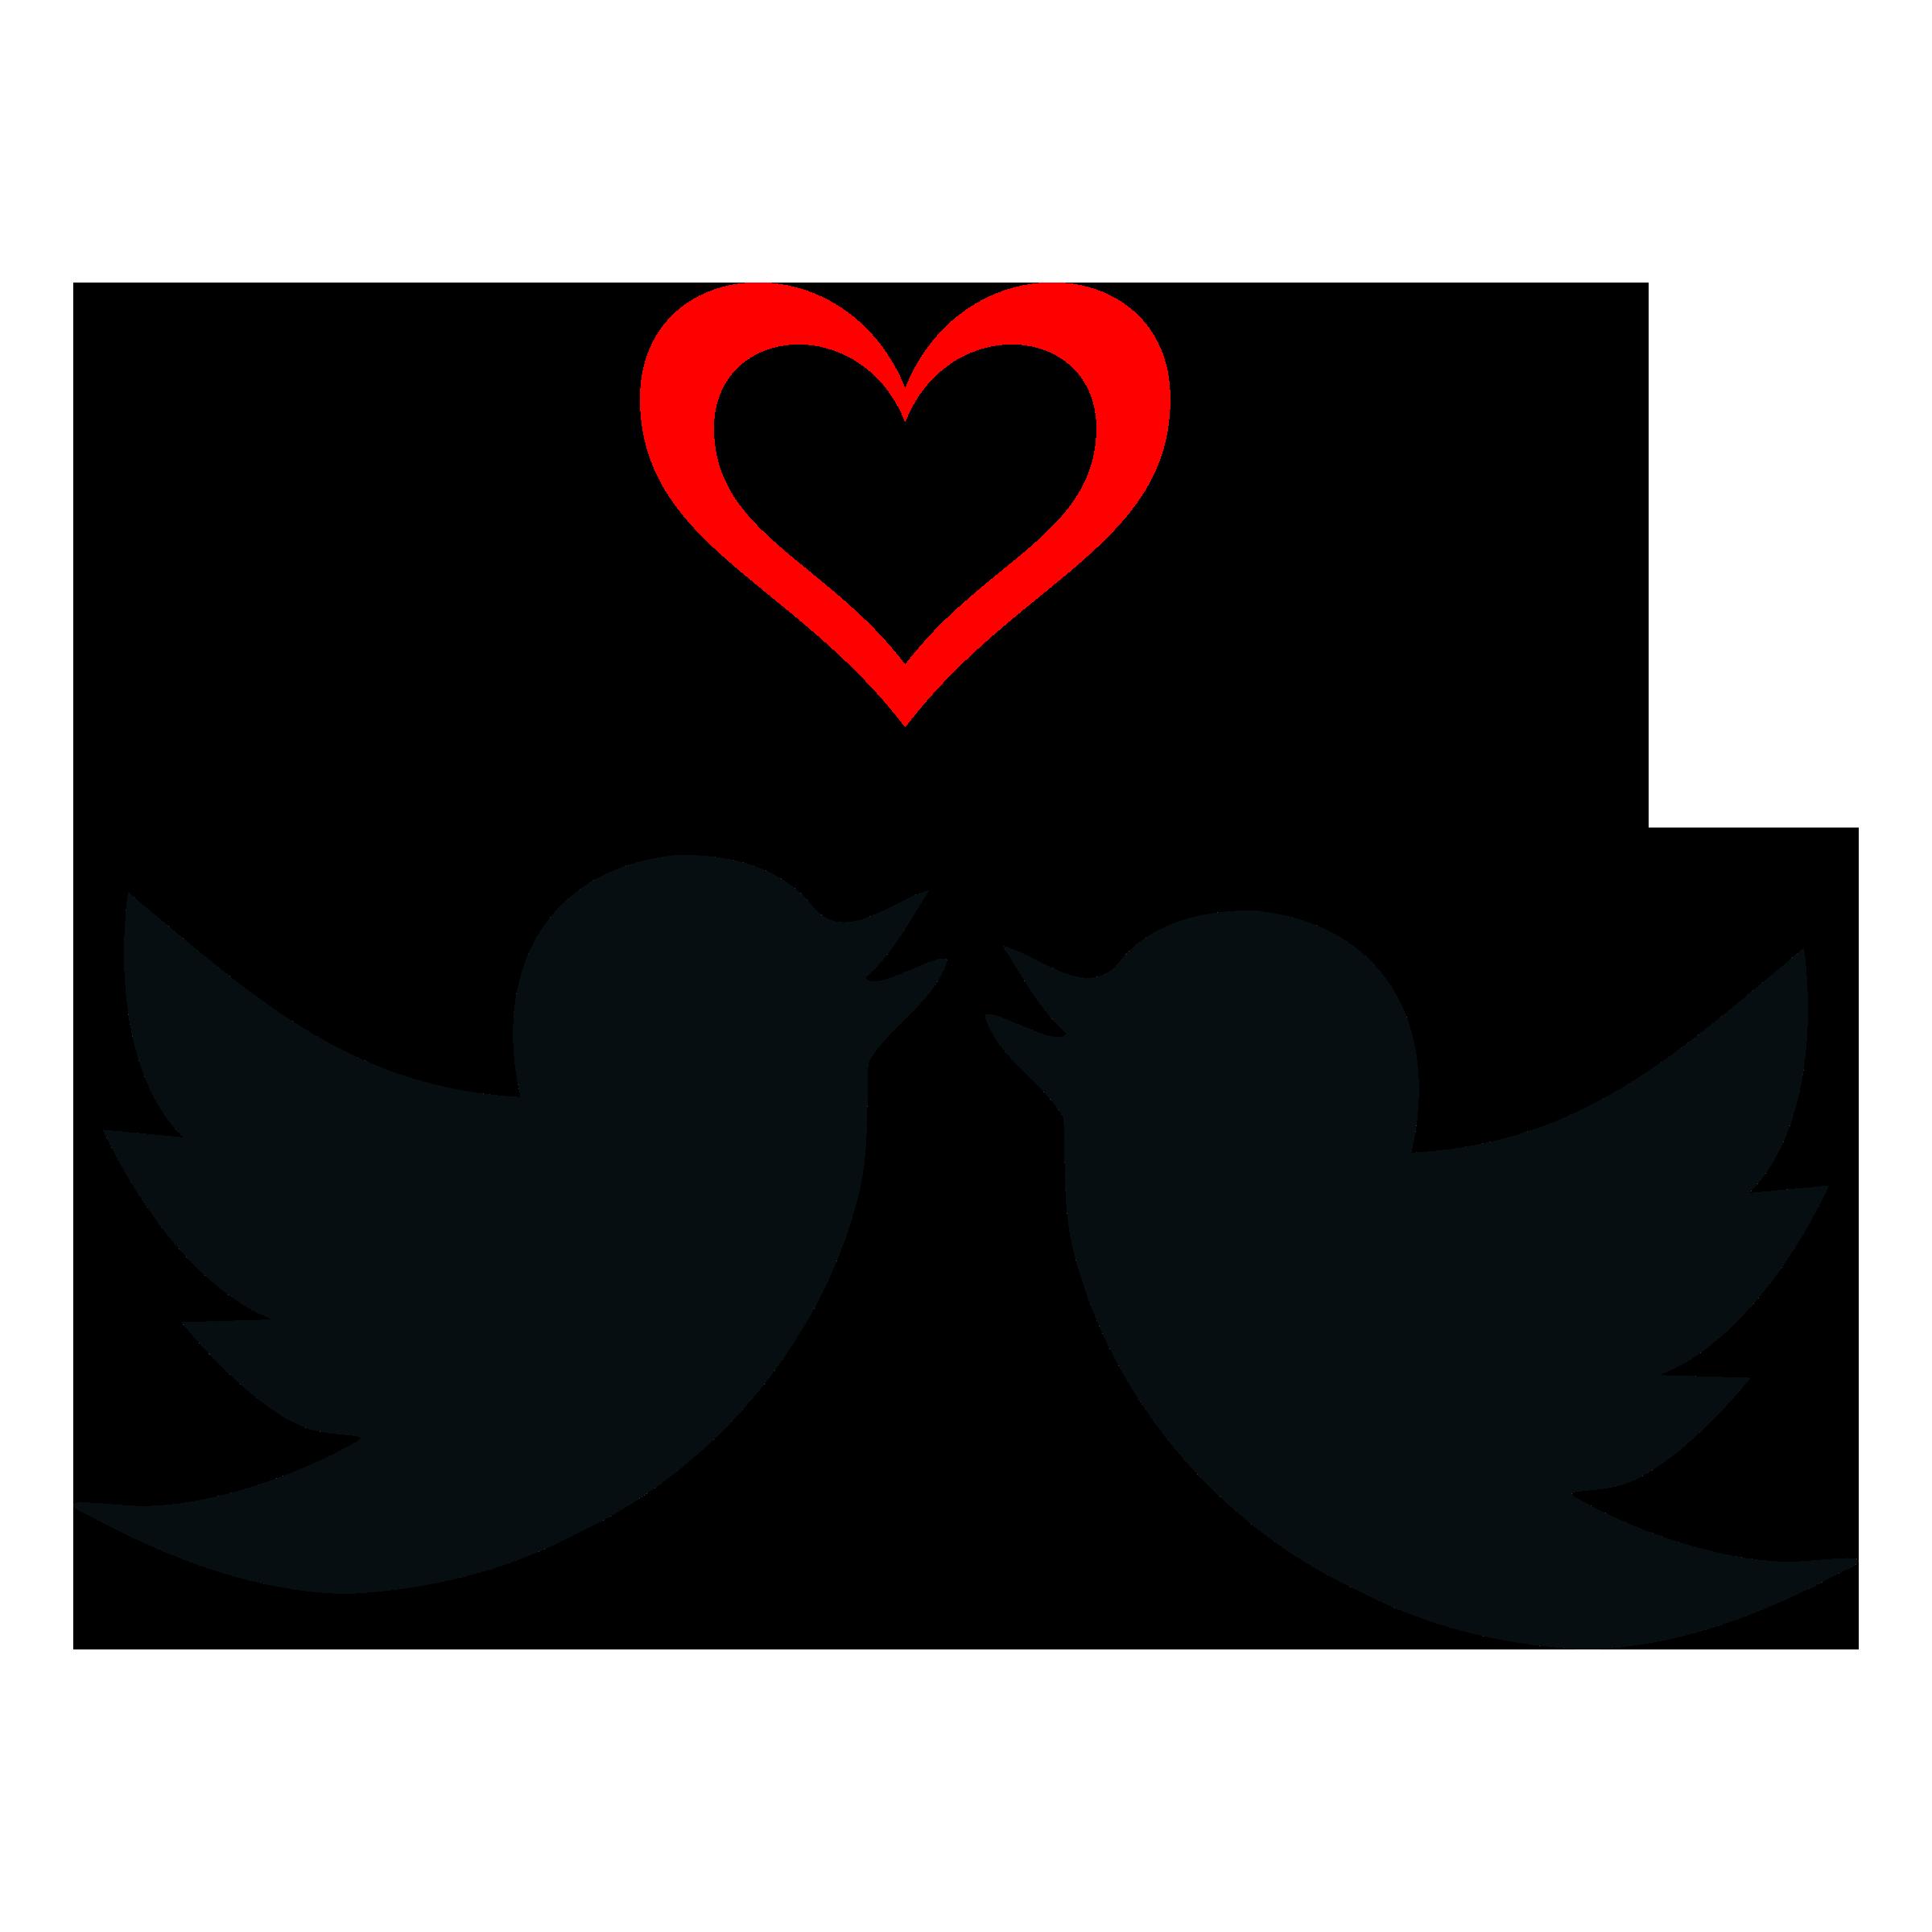 2400x2400 Clipart Bird Heart Blue Huggin-2400x2400 Clipart Bird Heart Blue Hugging A Clip Art Image âu20acu201c paberish.me-6